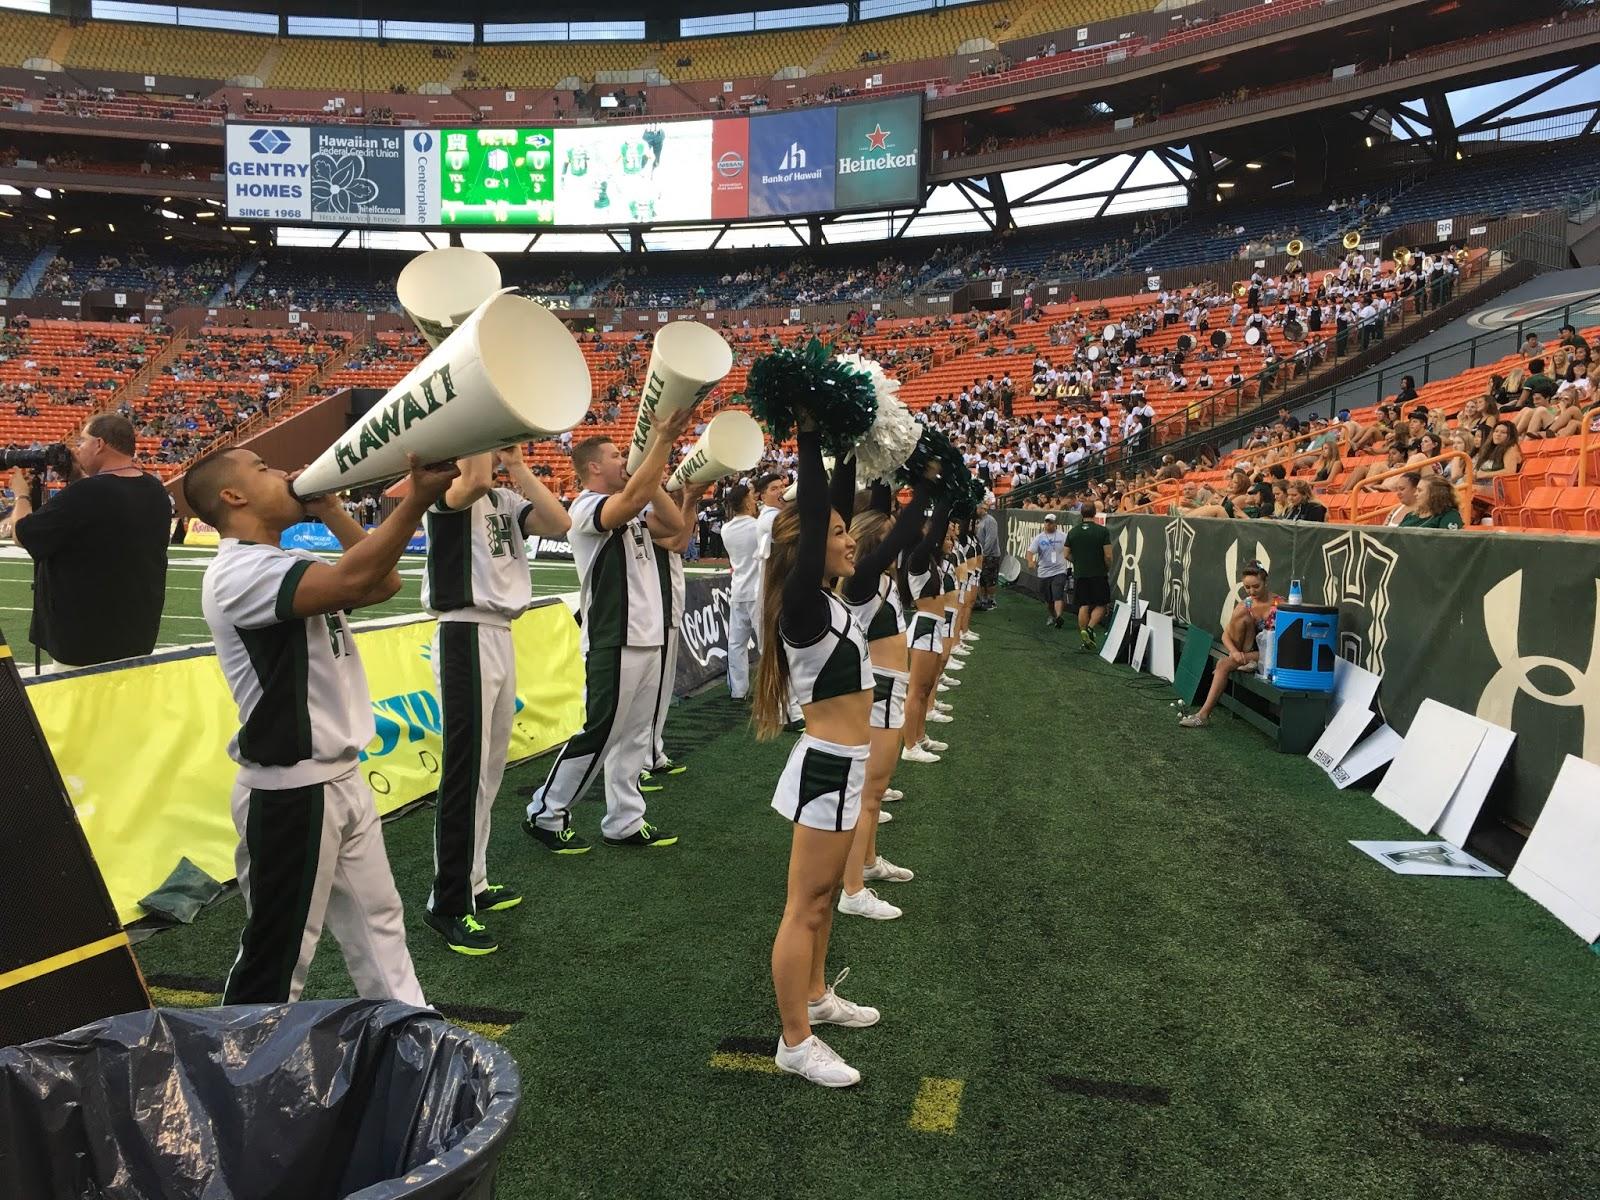 TASTE OF HAWAII: HAWAII VS NEVADA FOOTBALL GAME